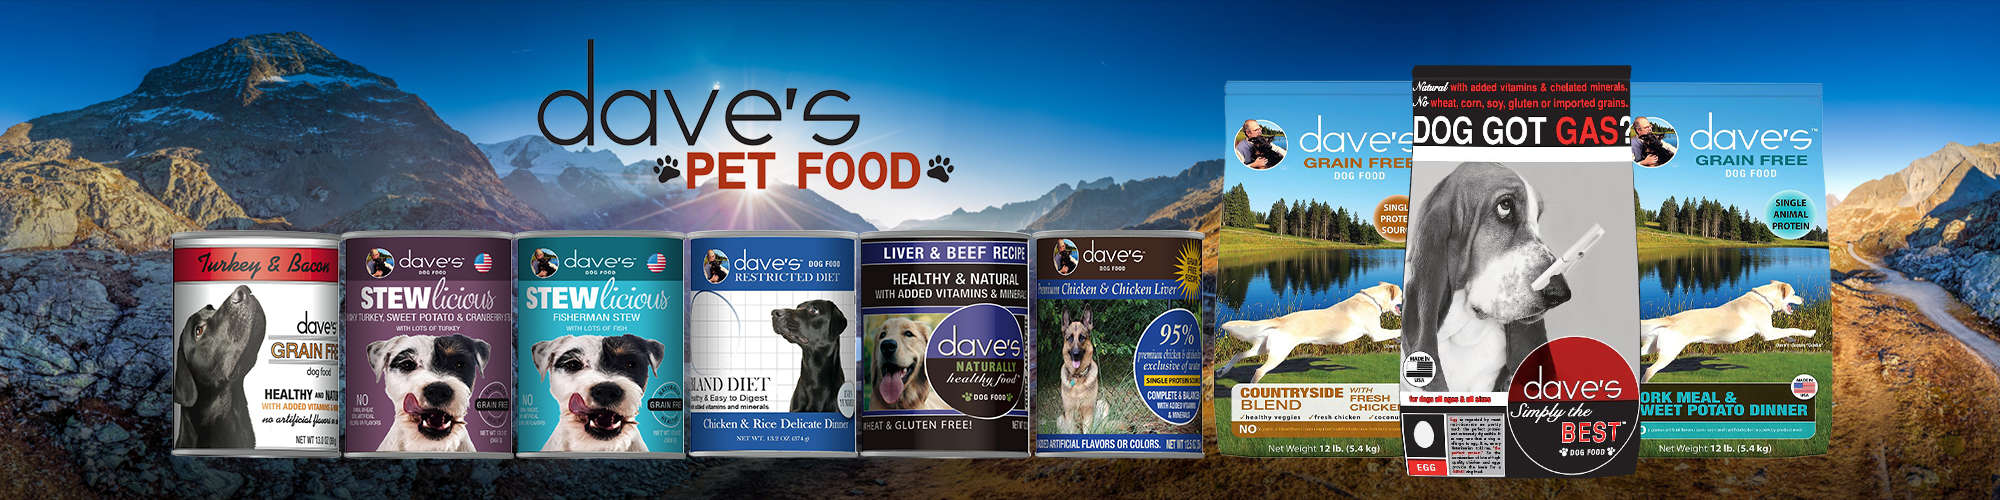 Daves Pet Food